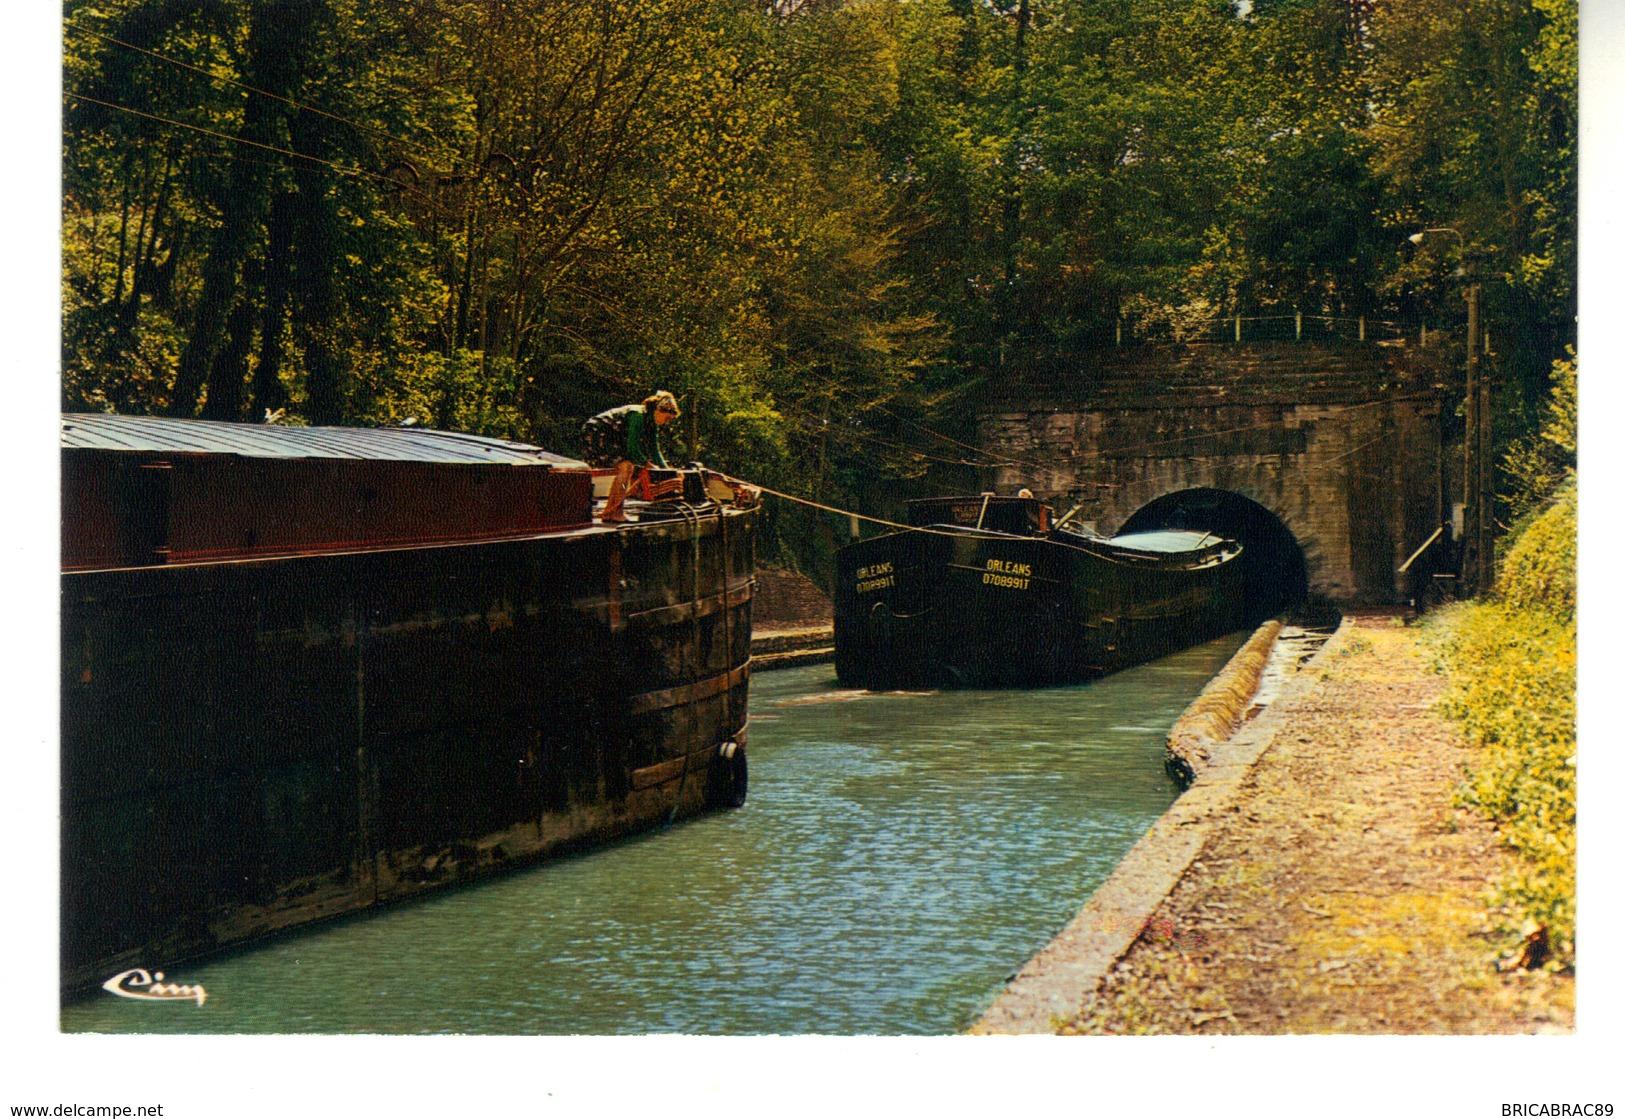 CPM  : Vendhuile  Aisne.  Entrée Du Canal Souterrain. (Longueur 5 Km 700). - Houseboats